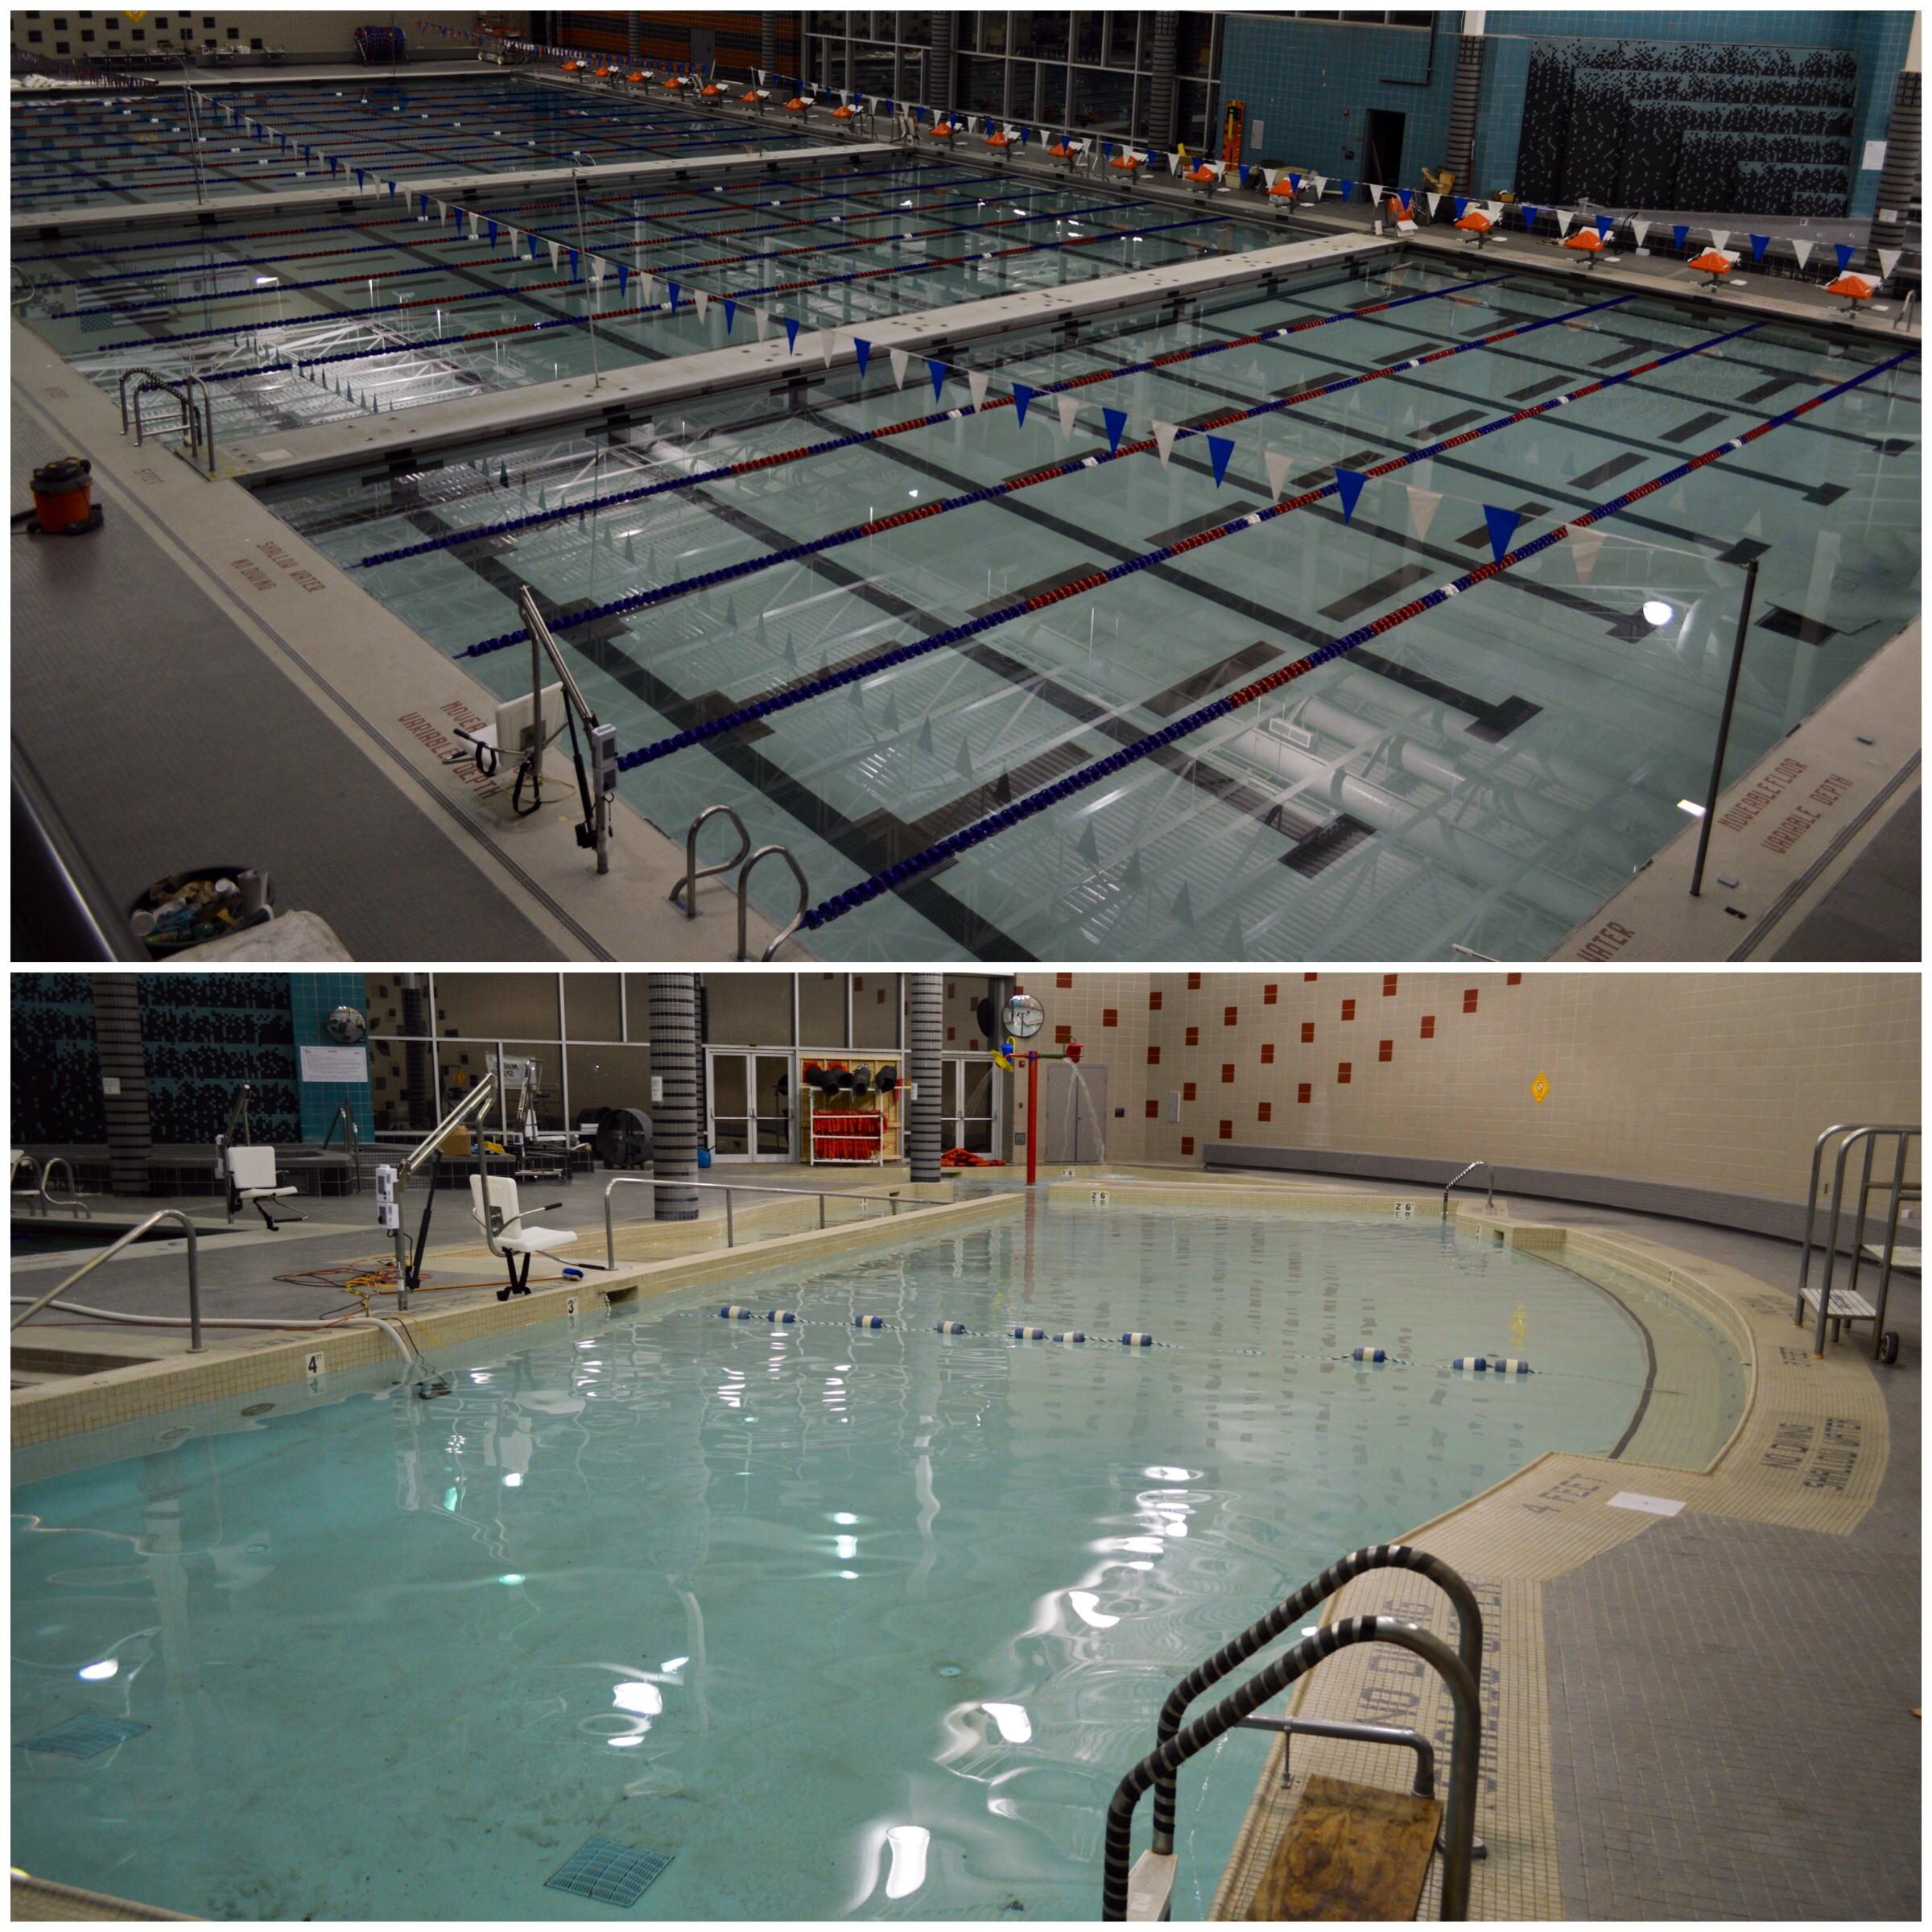 fairland aquatic center